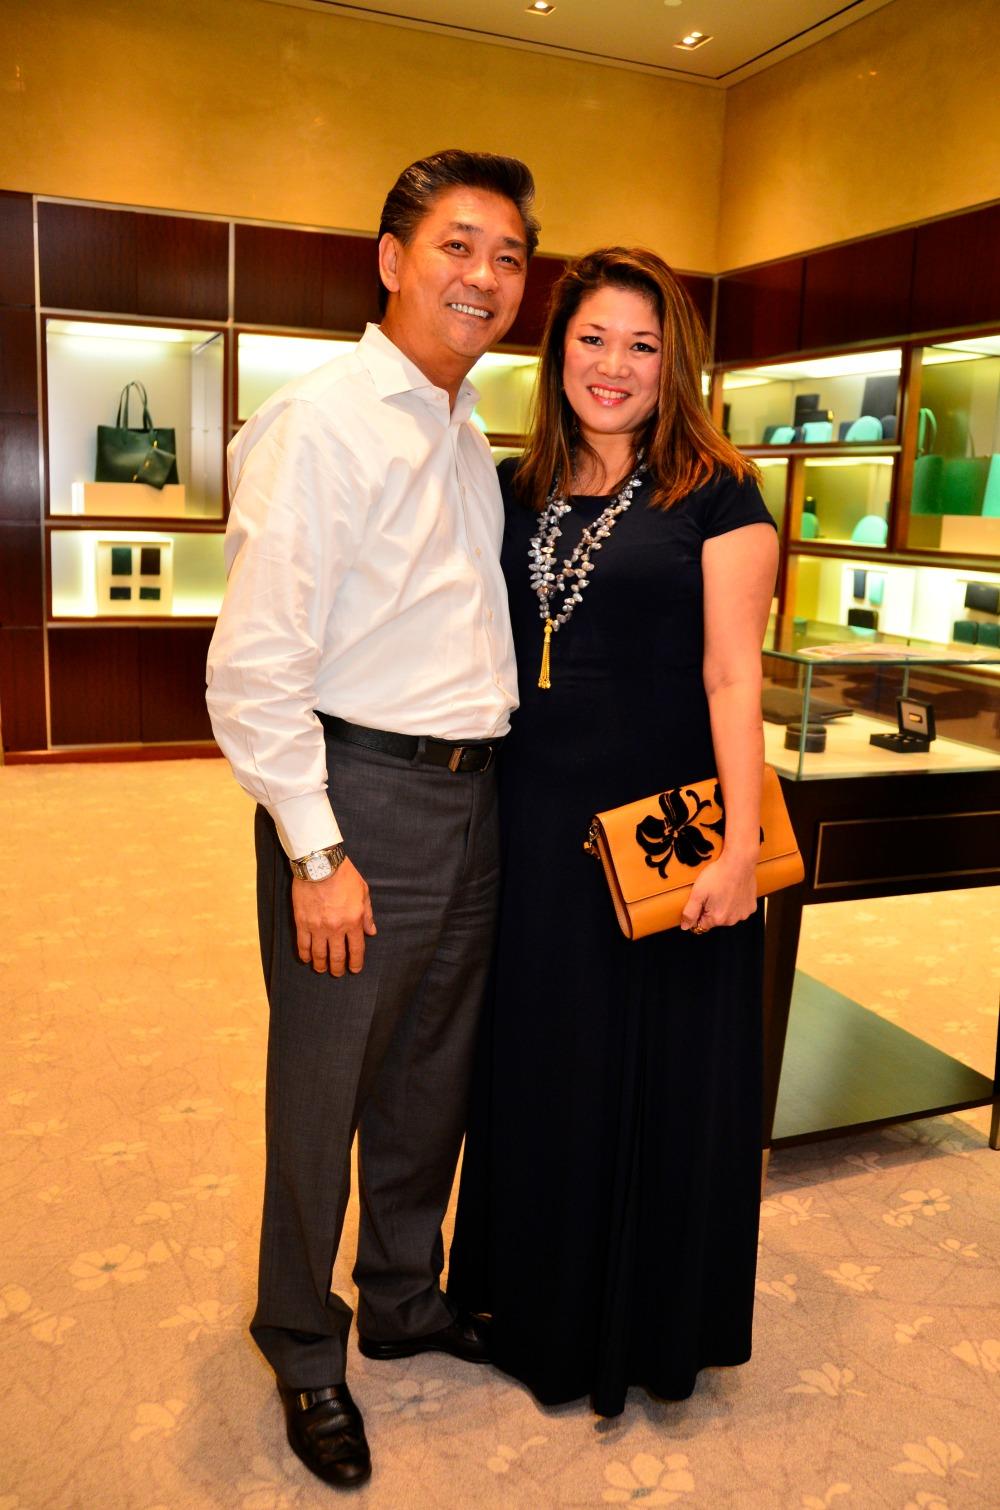 Richard & Kathy Ong